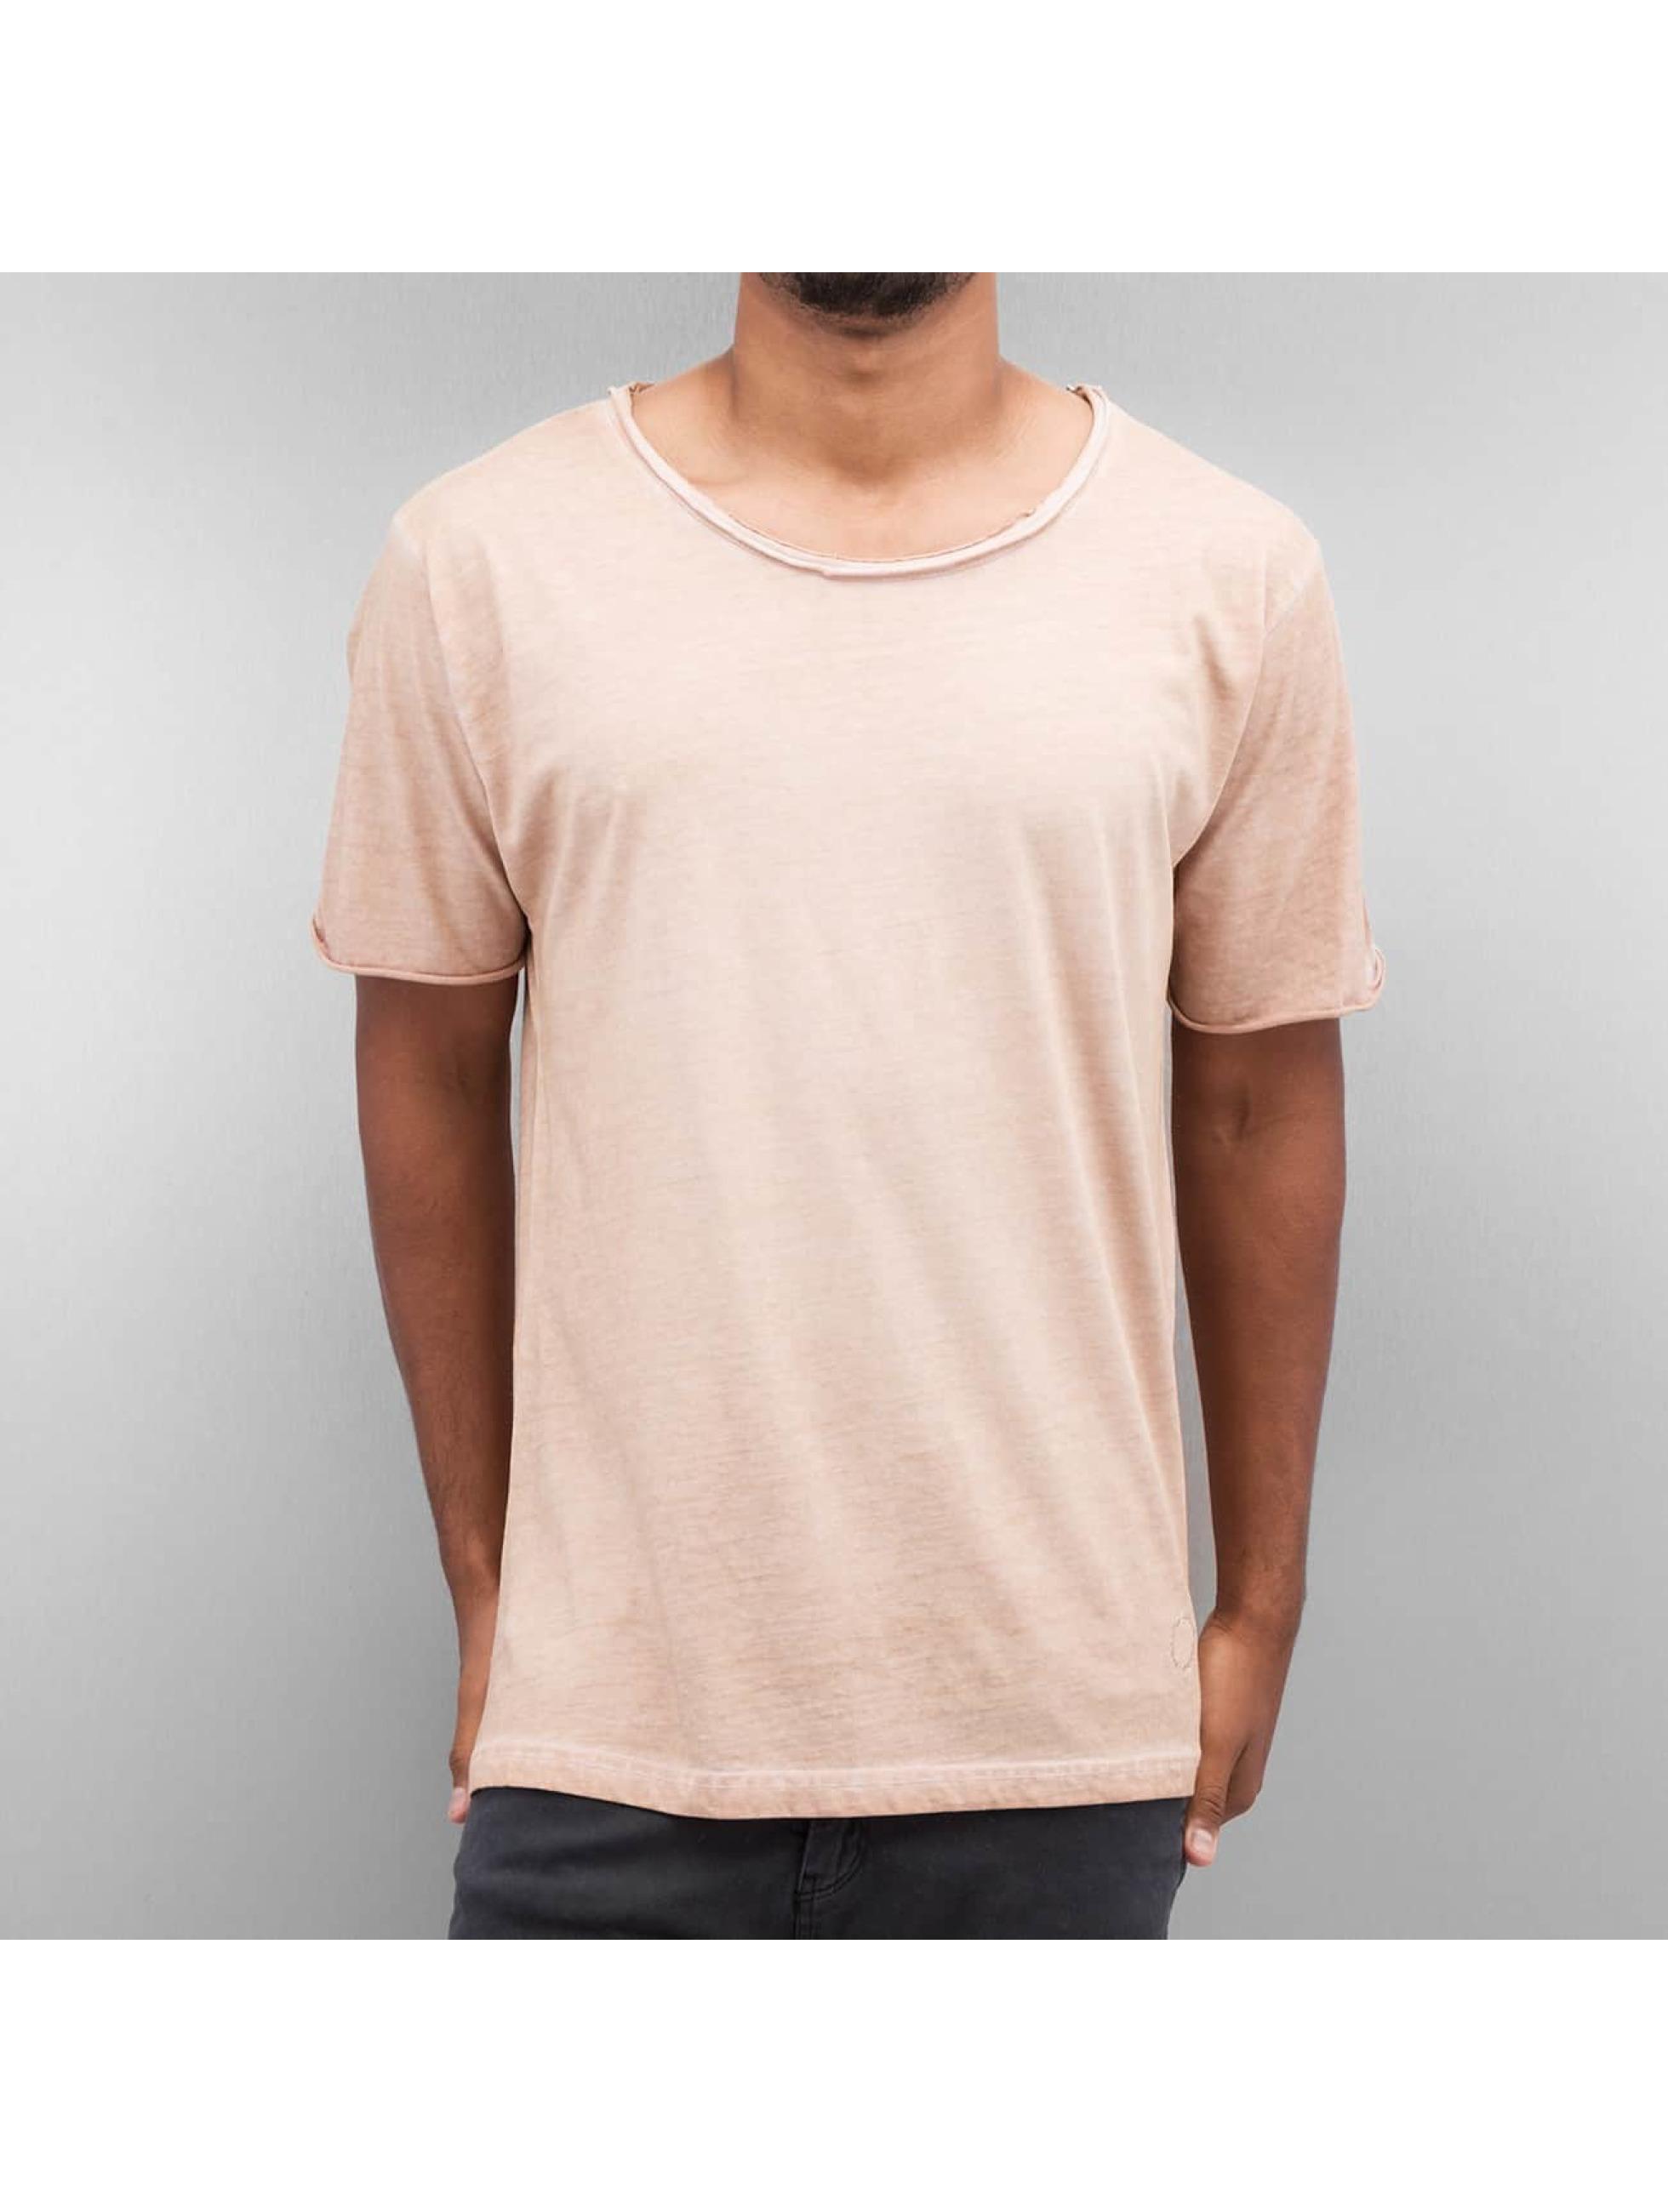 Yezz Männer T-Shirt Dayed in beige